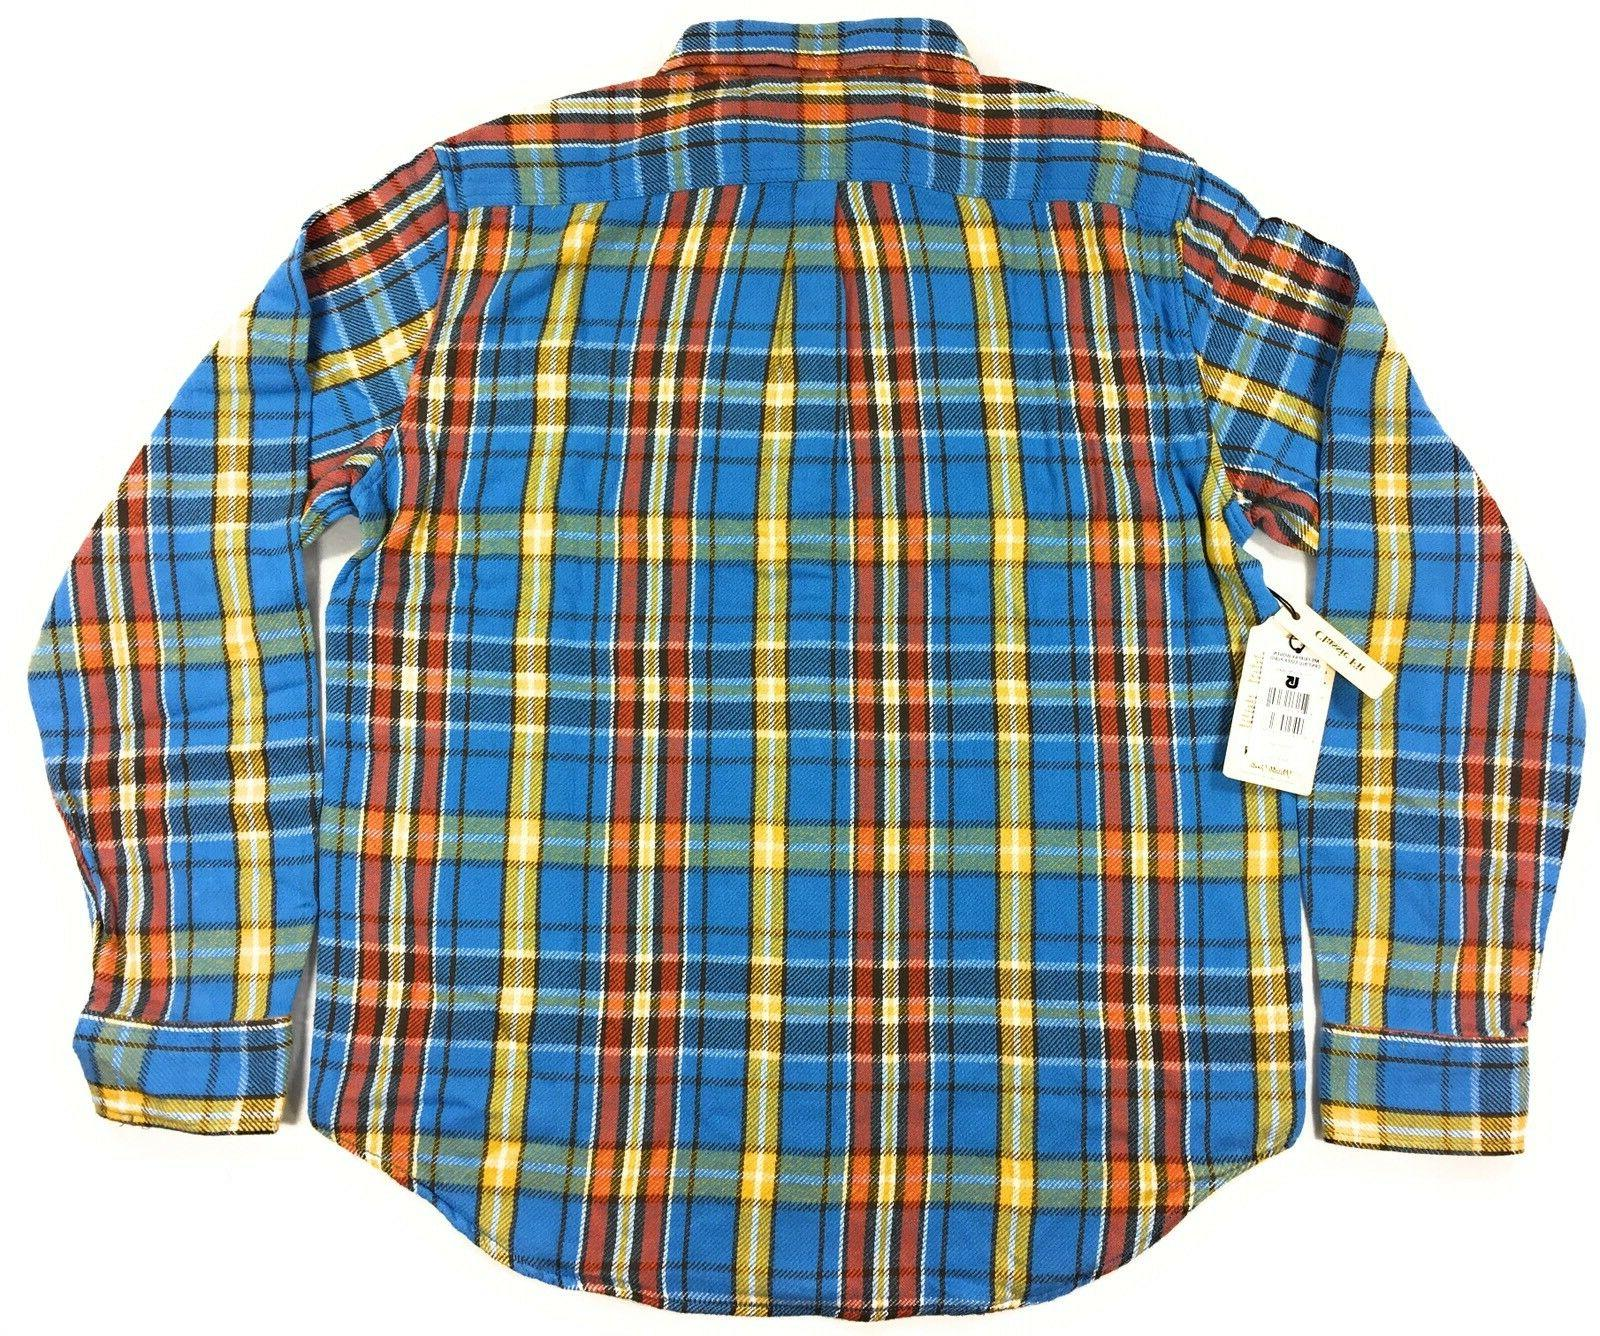 Burton MB Flannel Shirt Essex Plaid Long